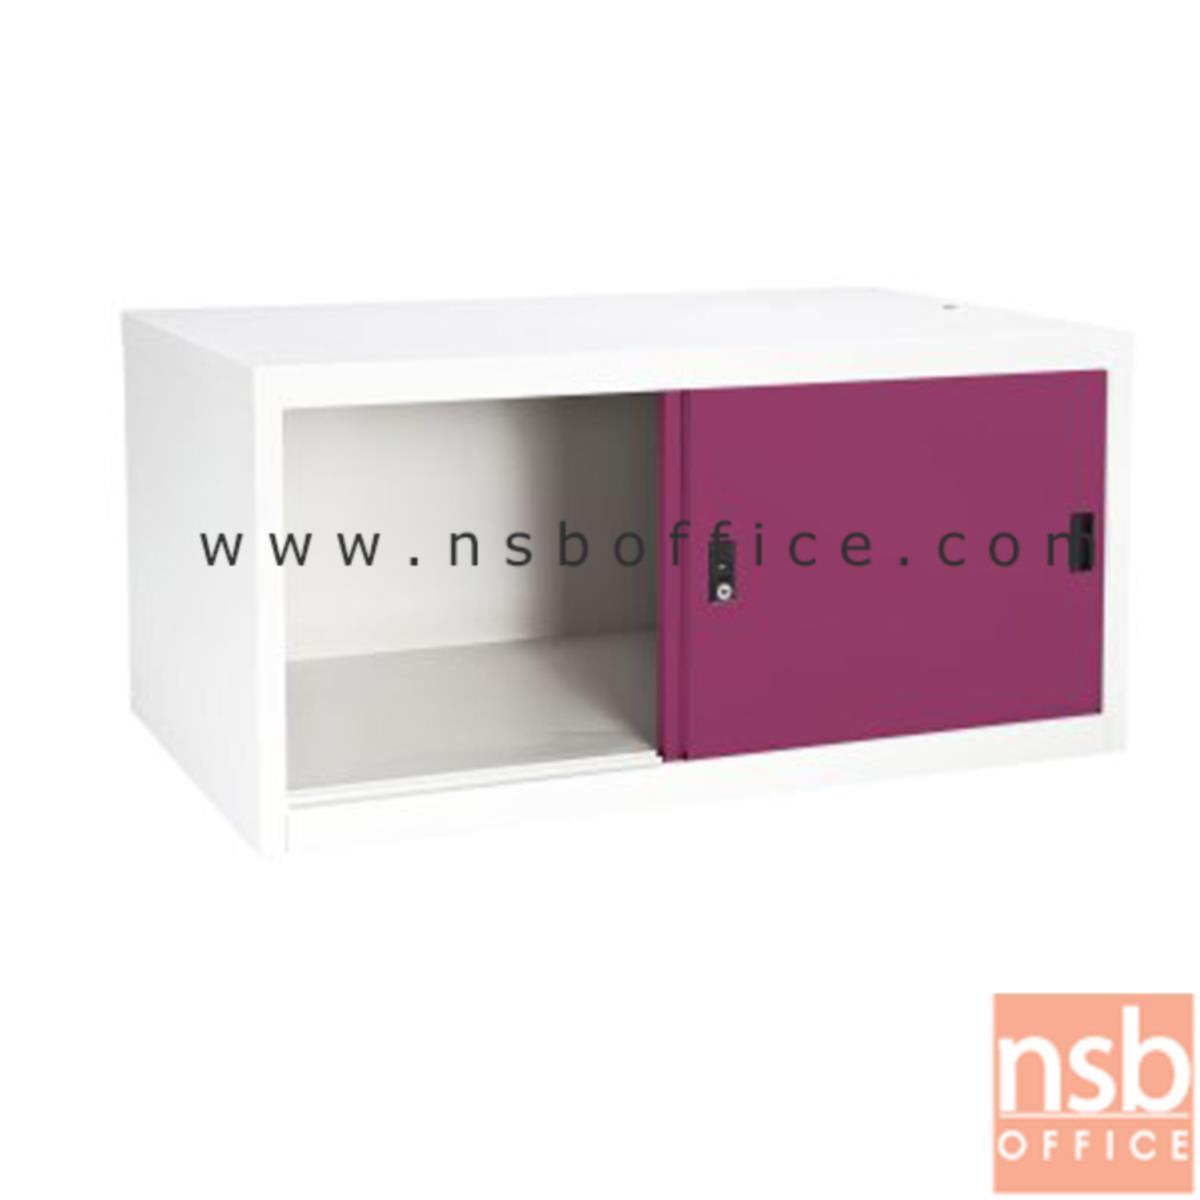 ตู้เสริมบนตู้เสื้อผ้าเหล็ก บานเลื่อนทึบ (สูงรวม 226 cm.) รุ่น SDC-04